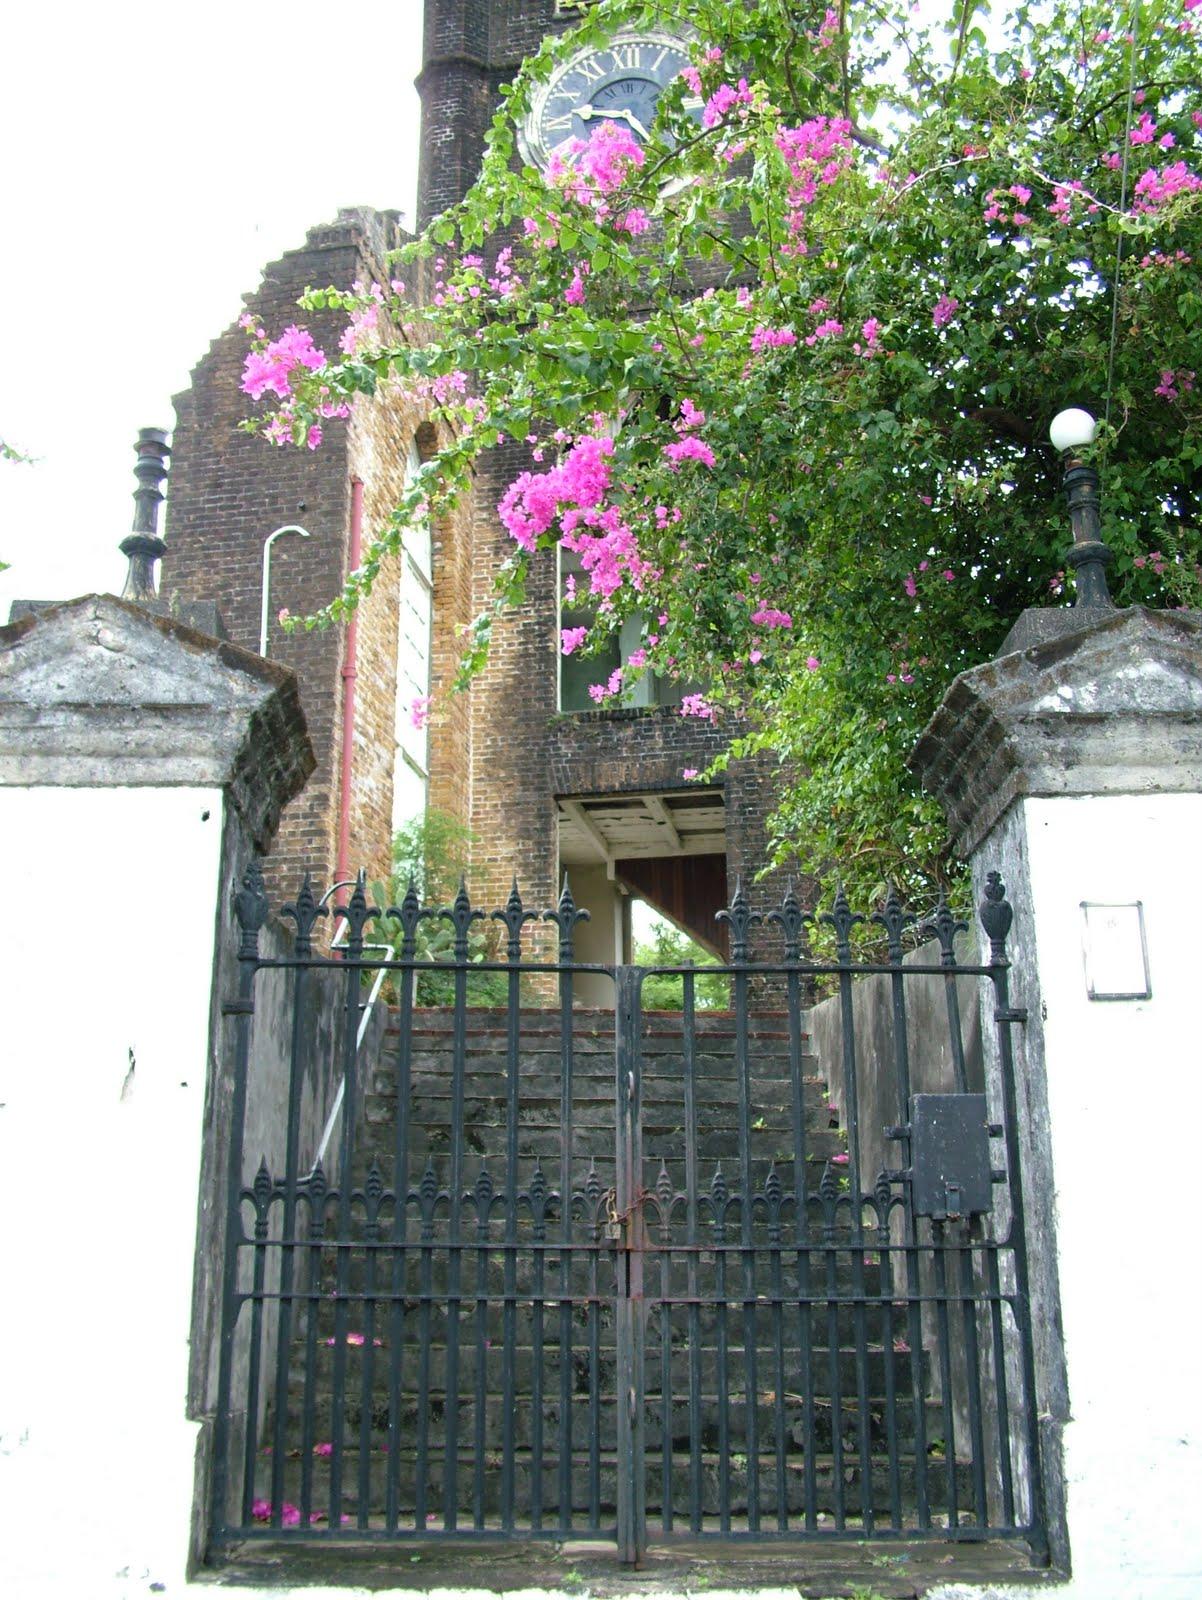 http://4.bp.blogspot.com/_5ZO_j9ozWwo/TPFlOTIzclI/AAAAAAAAAJI/98I9yC9W-9U/s1600/Grenada%2B004.JPG